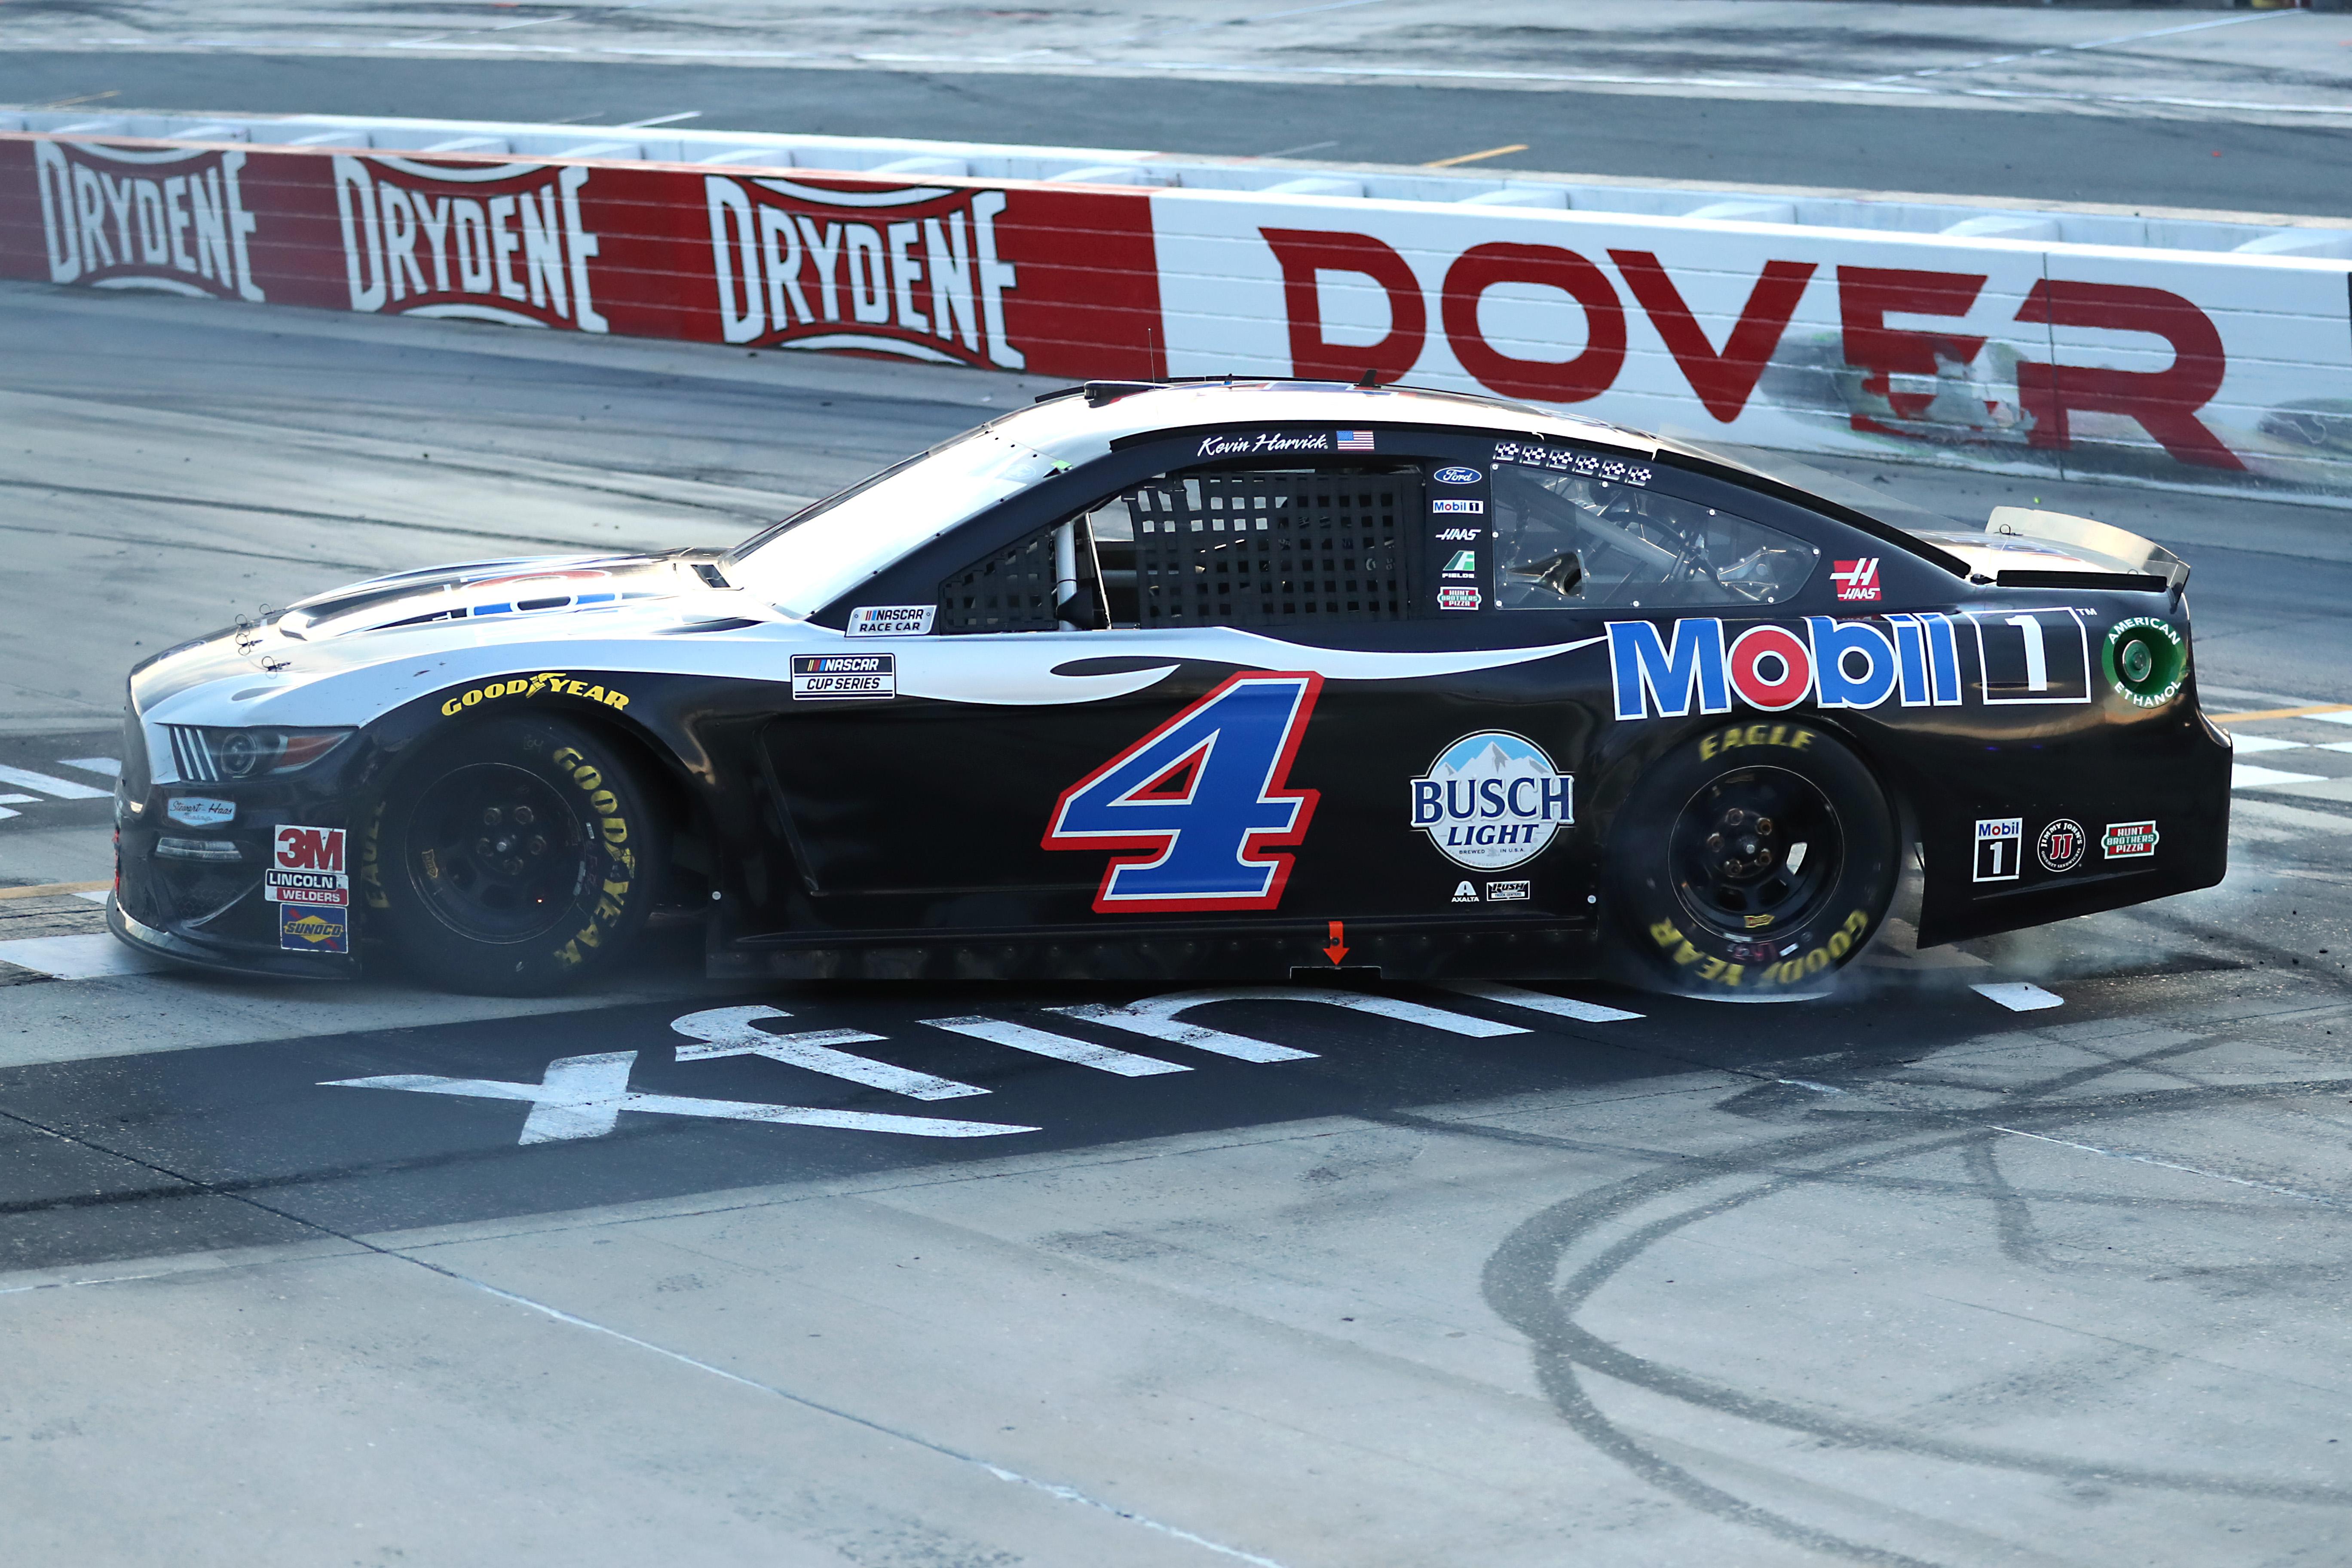 2020年8月23日,在特拉华州多佛的多佛国际赛道上,4号美孚1号福特赛车手凯文·哈维克在赢得纳斯卡杯系列赛Drydene 311后庆祝胜利。乐动体育网站1.0